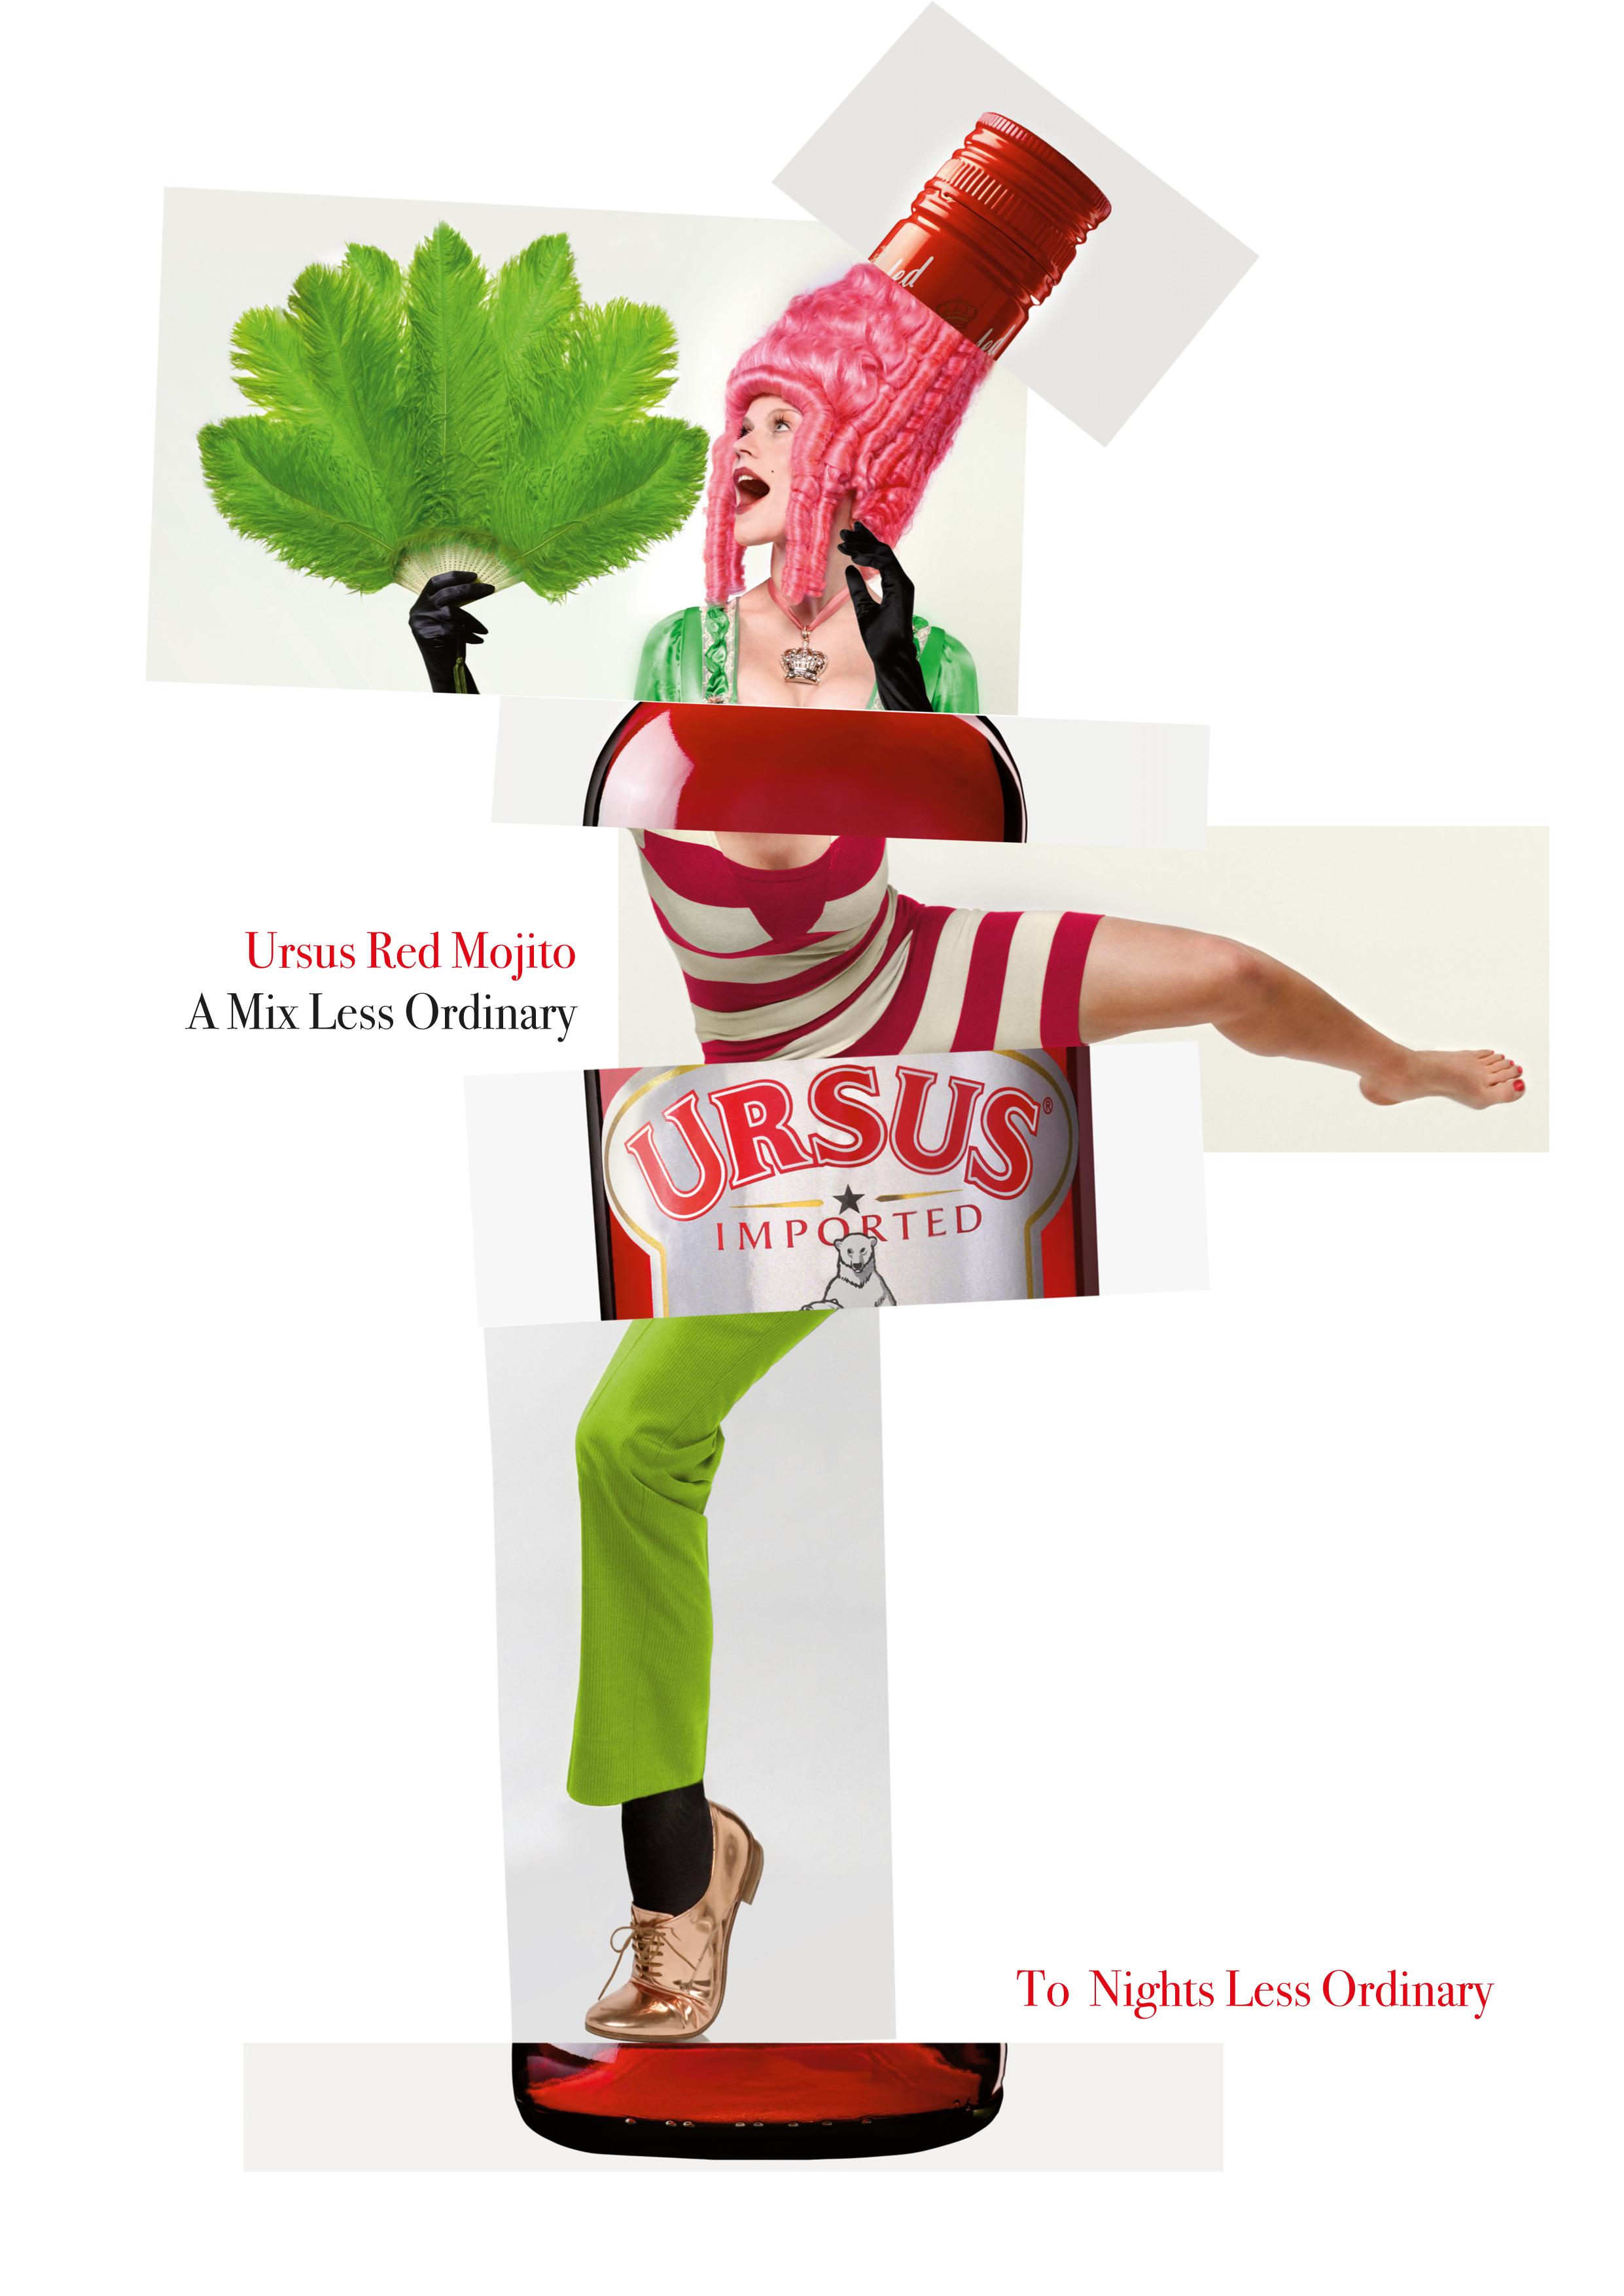 KESS3478_Ursus_posters_P2.jpg